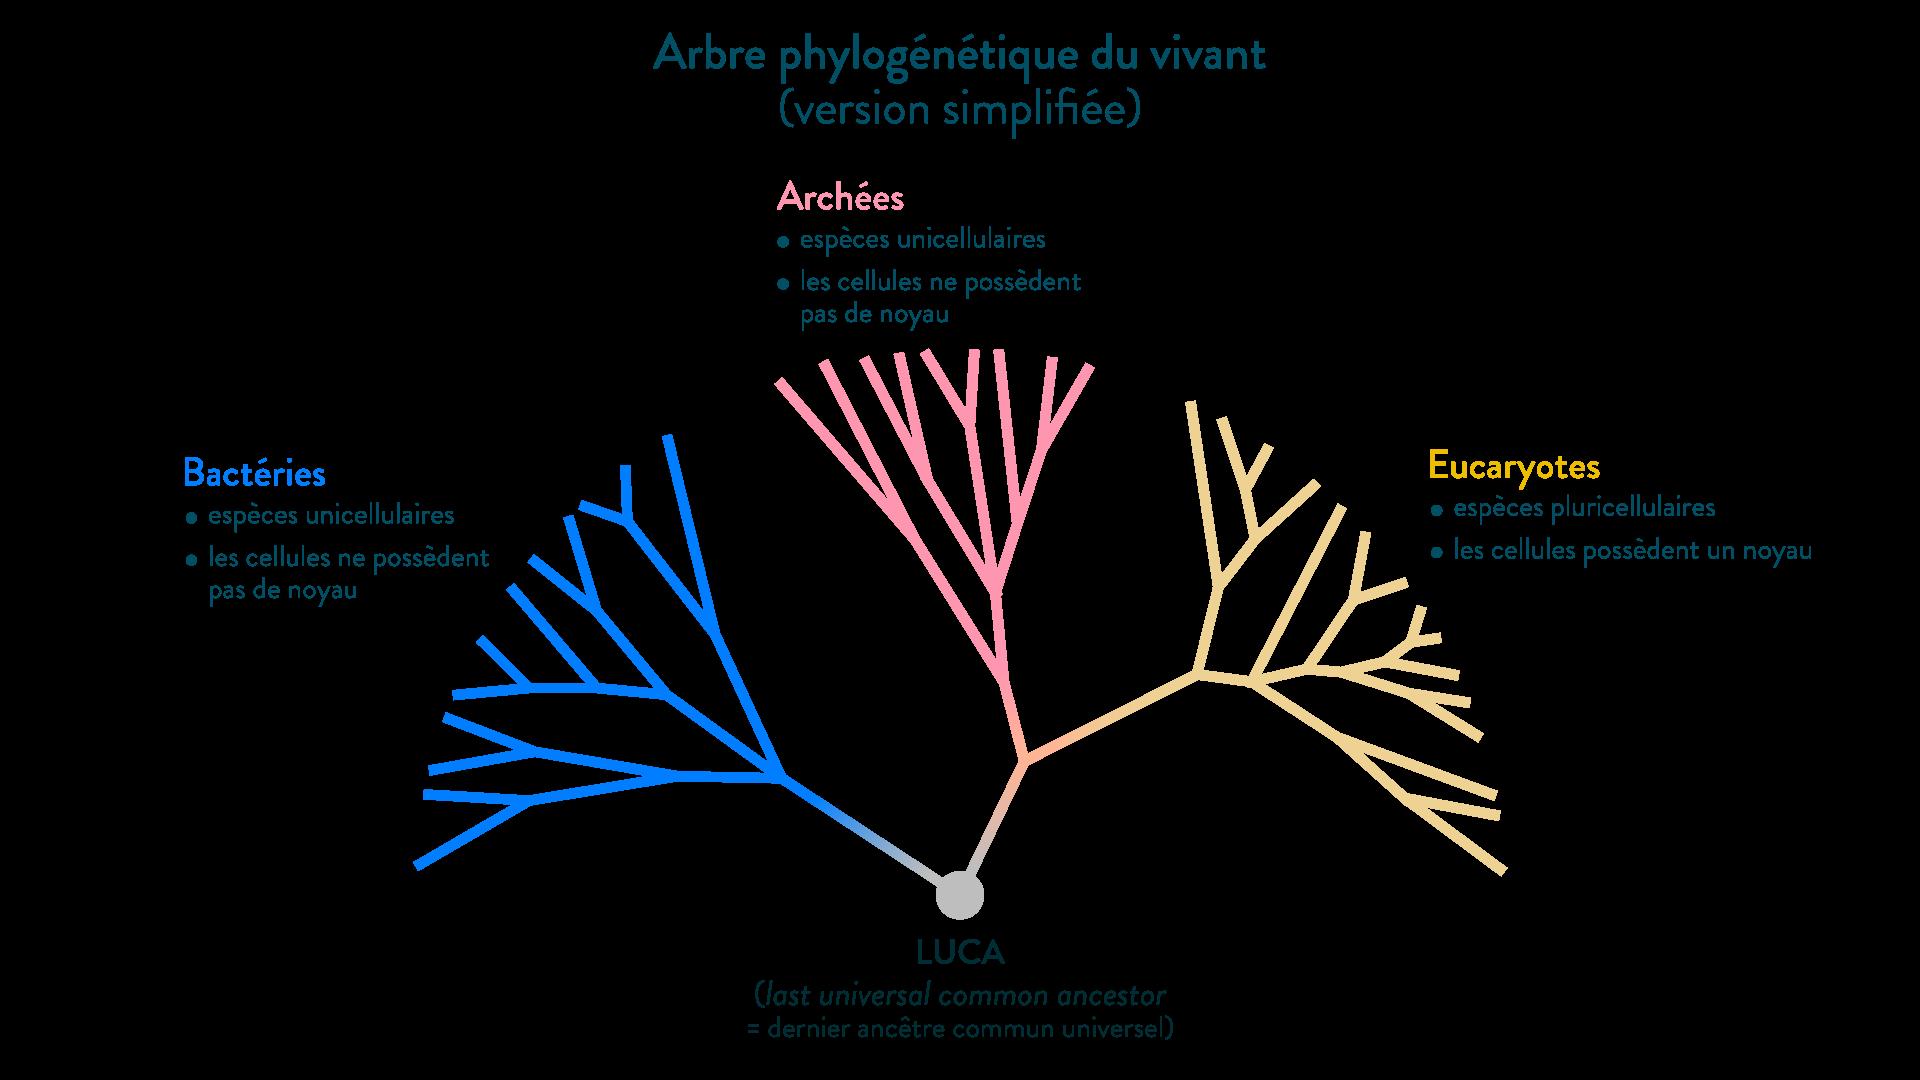 L'arbre phylogénétique simplifié du vivant